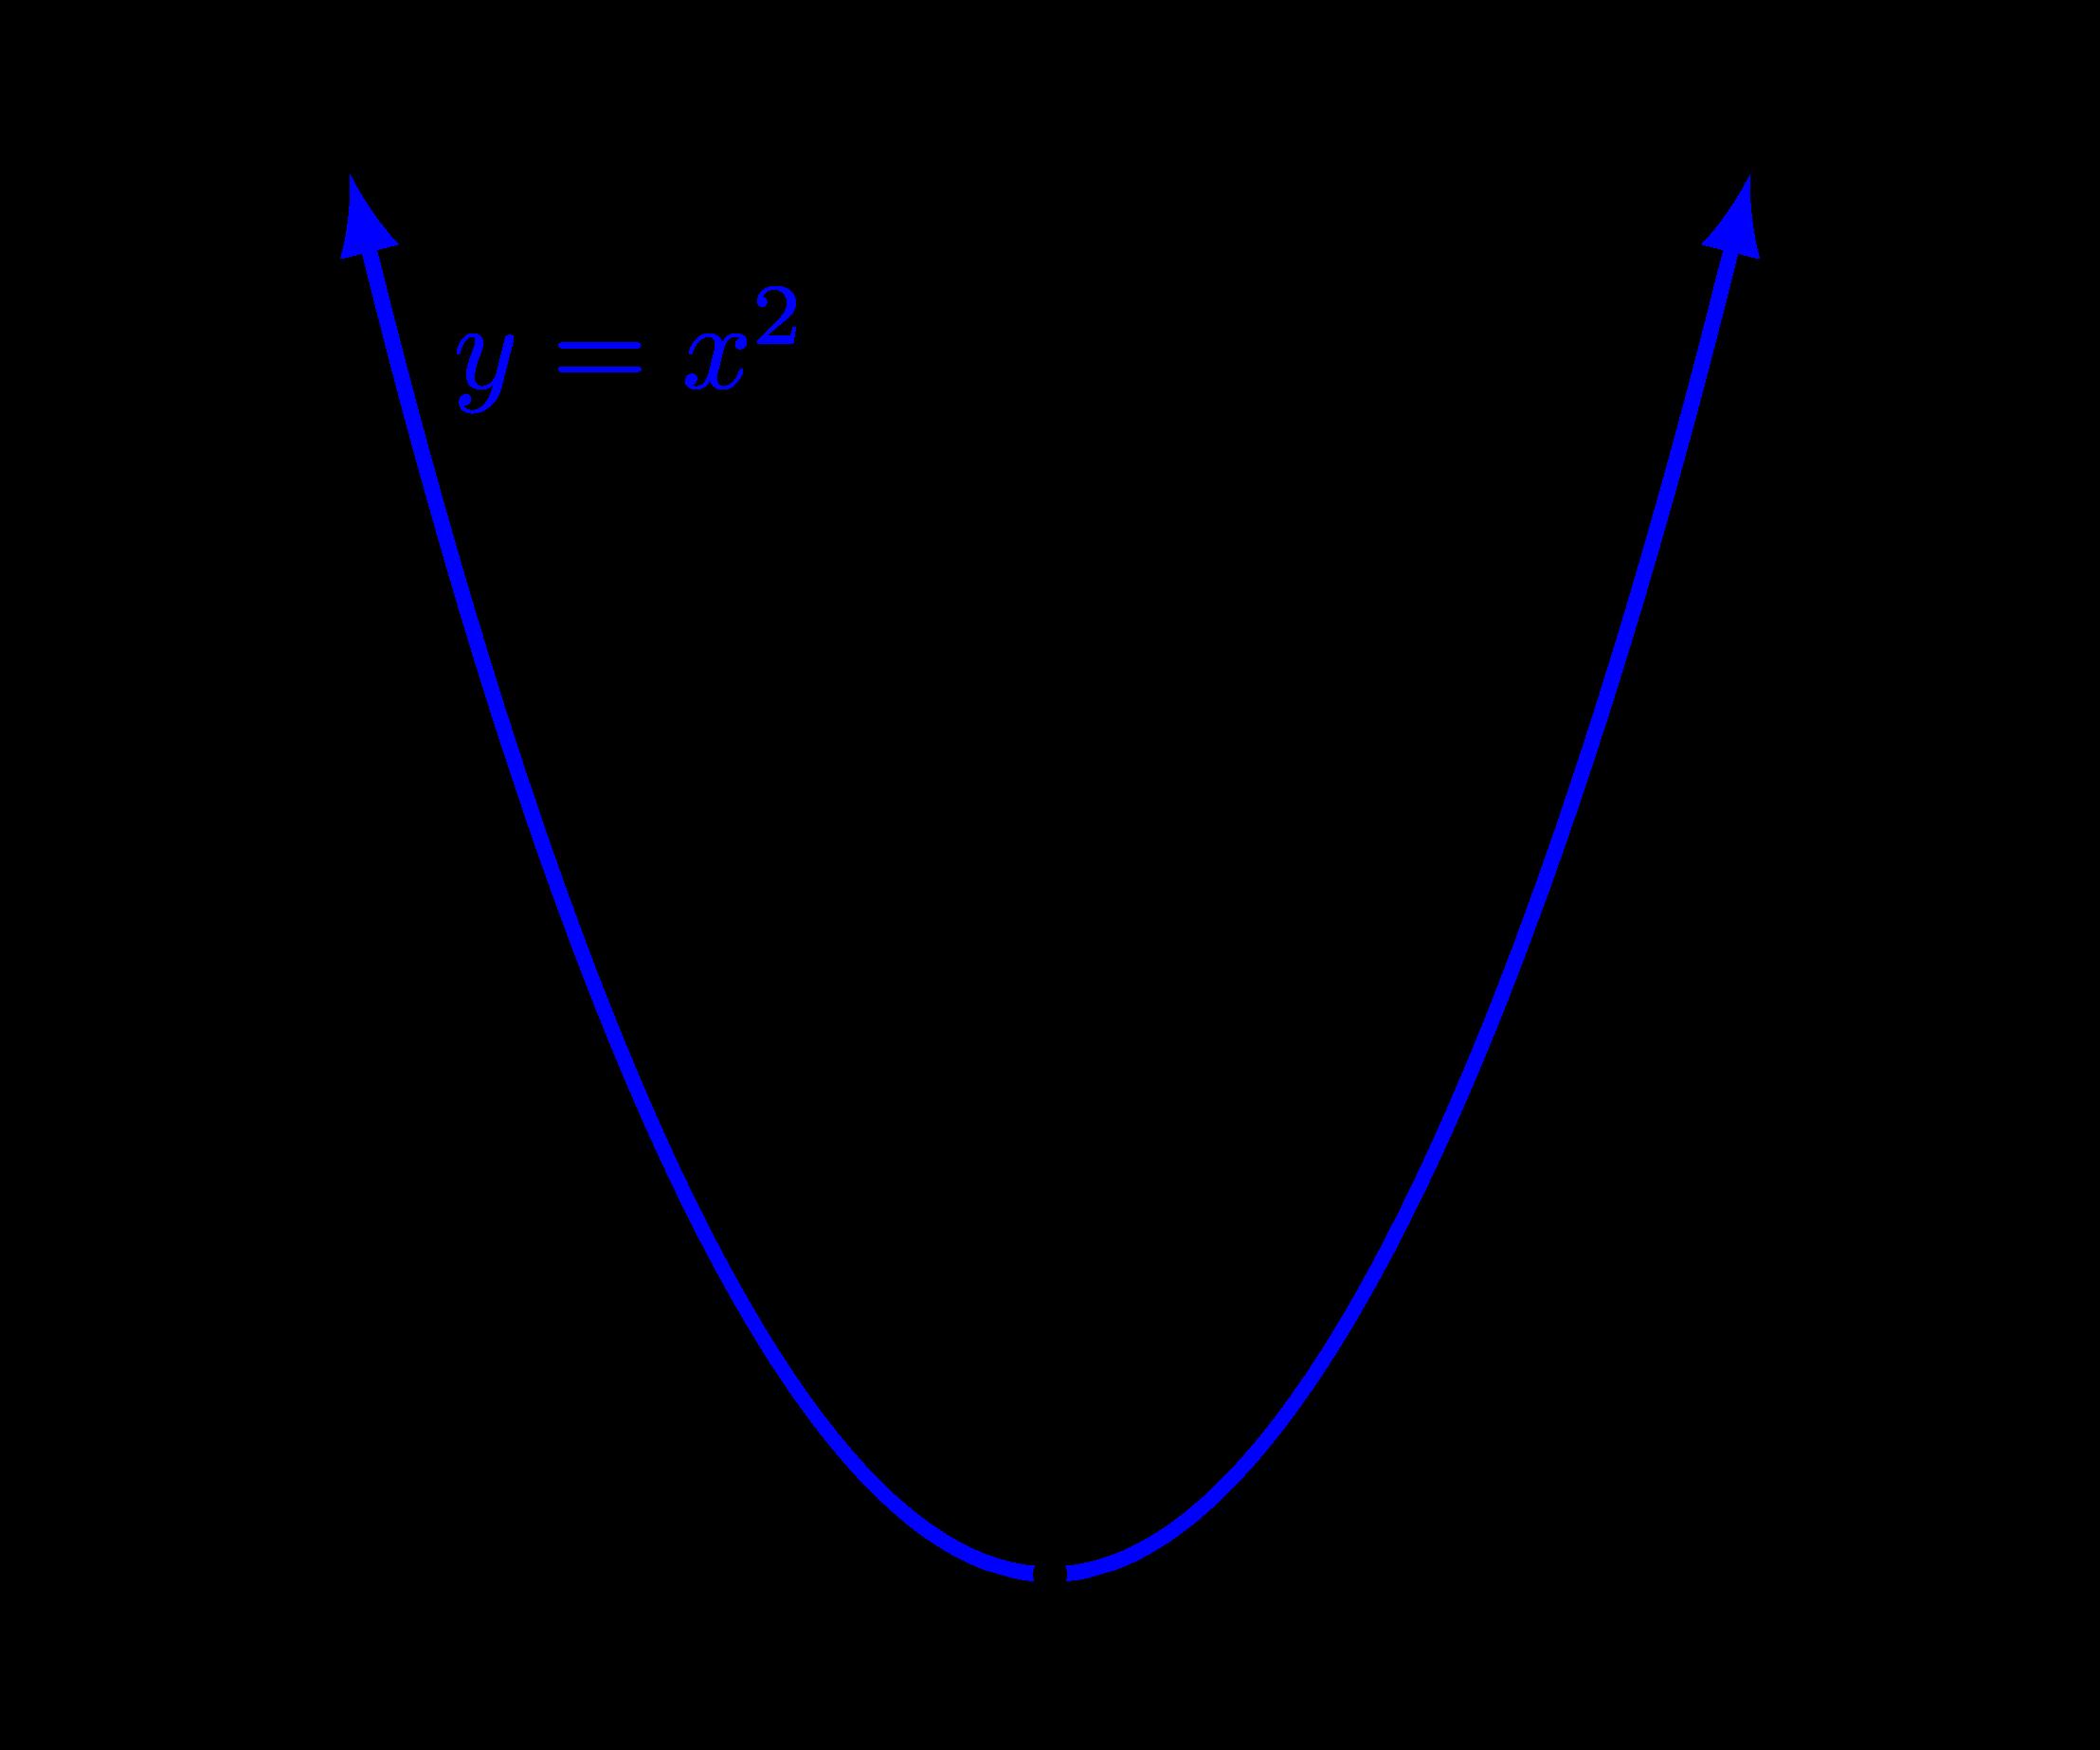 Clipart Funcion X 2